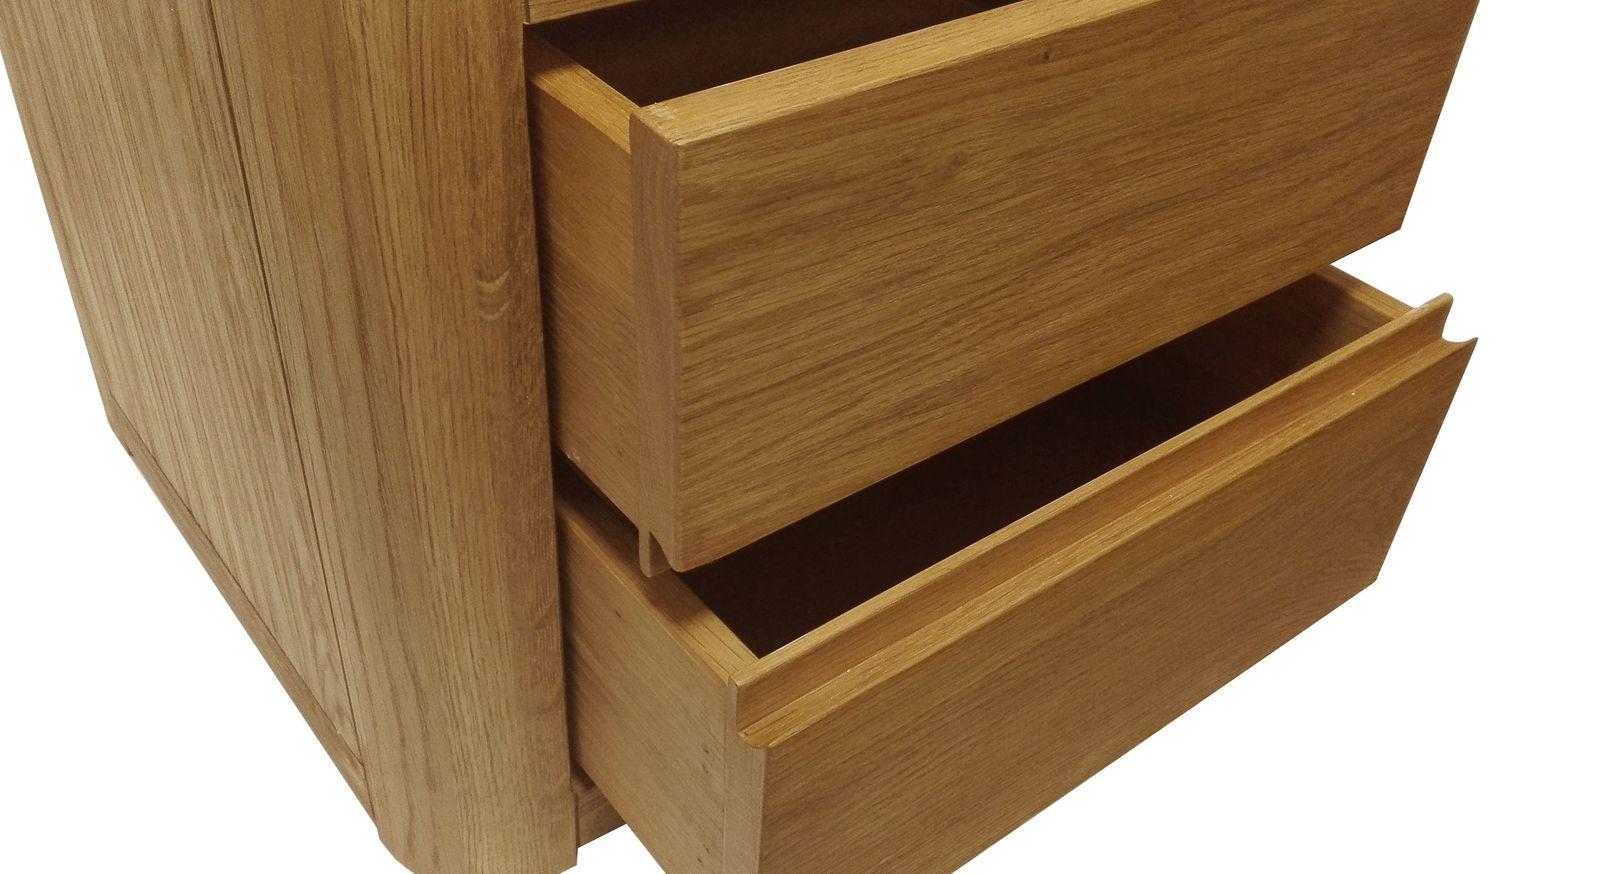 Nachttisch mit offenen Schubladen aus natürlichem Eichenholz